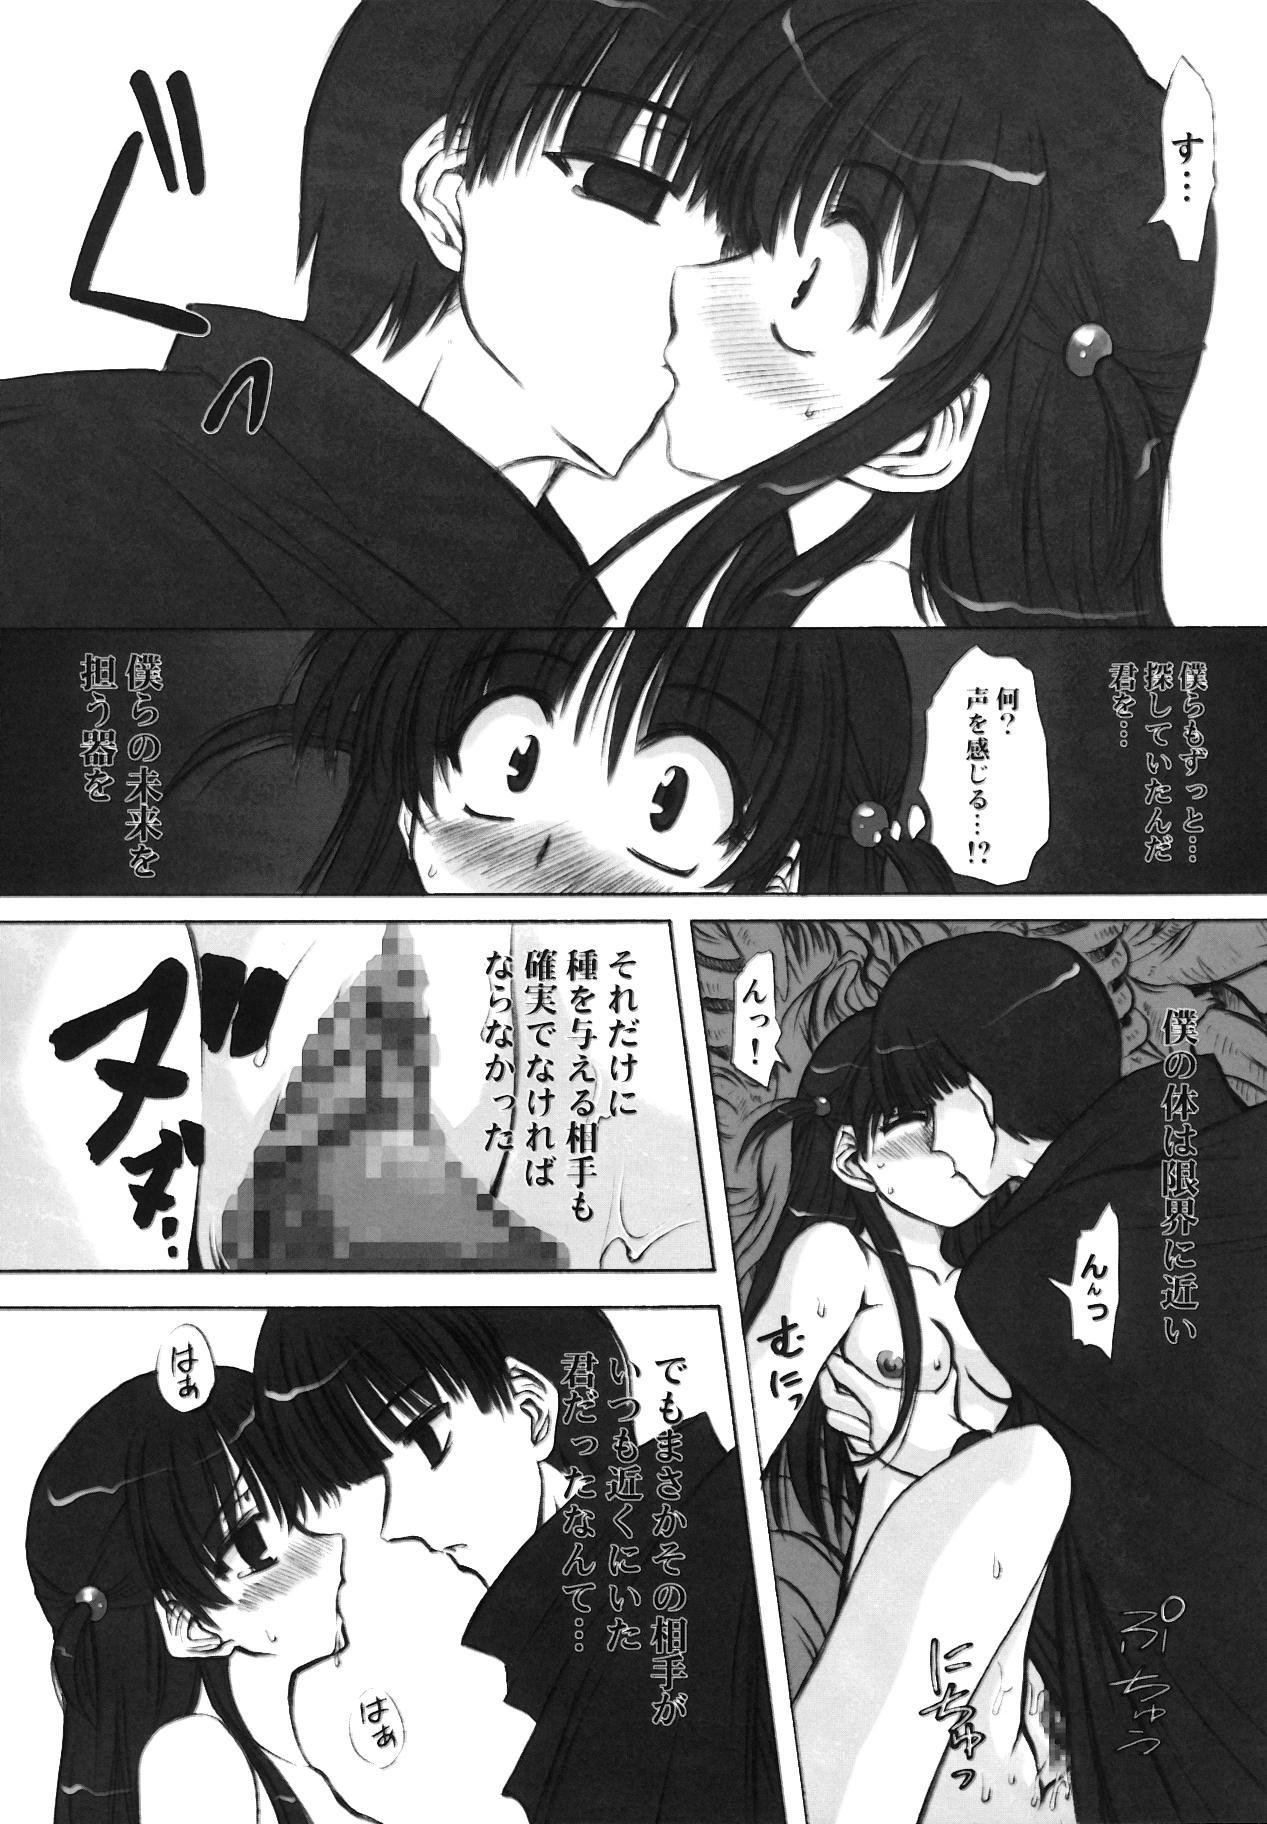 Rinshoku 30